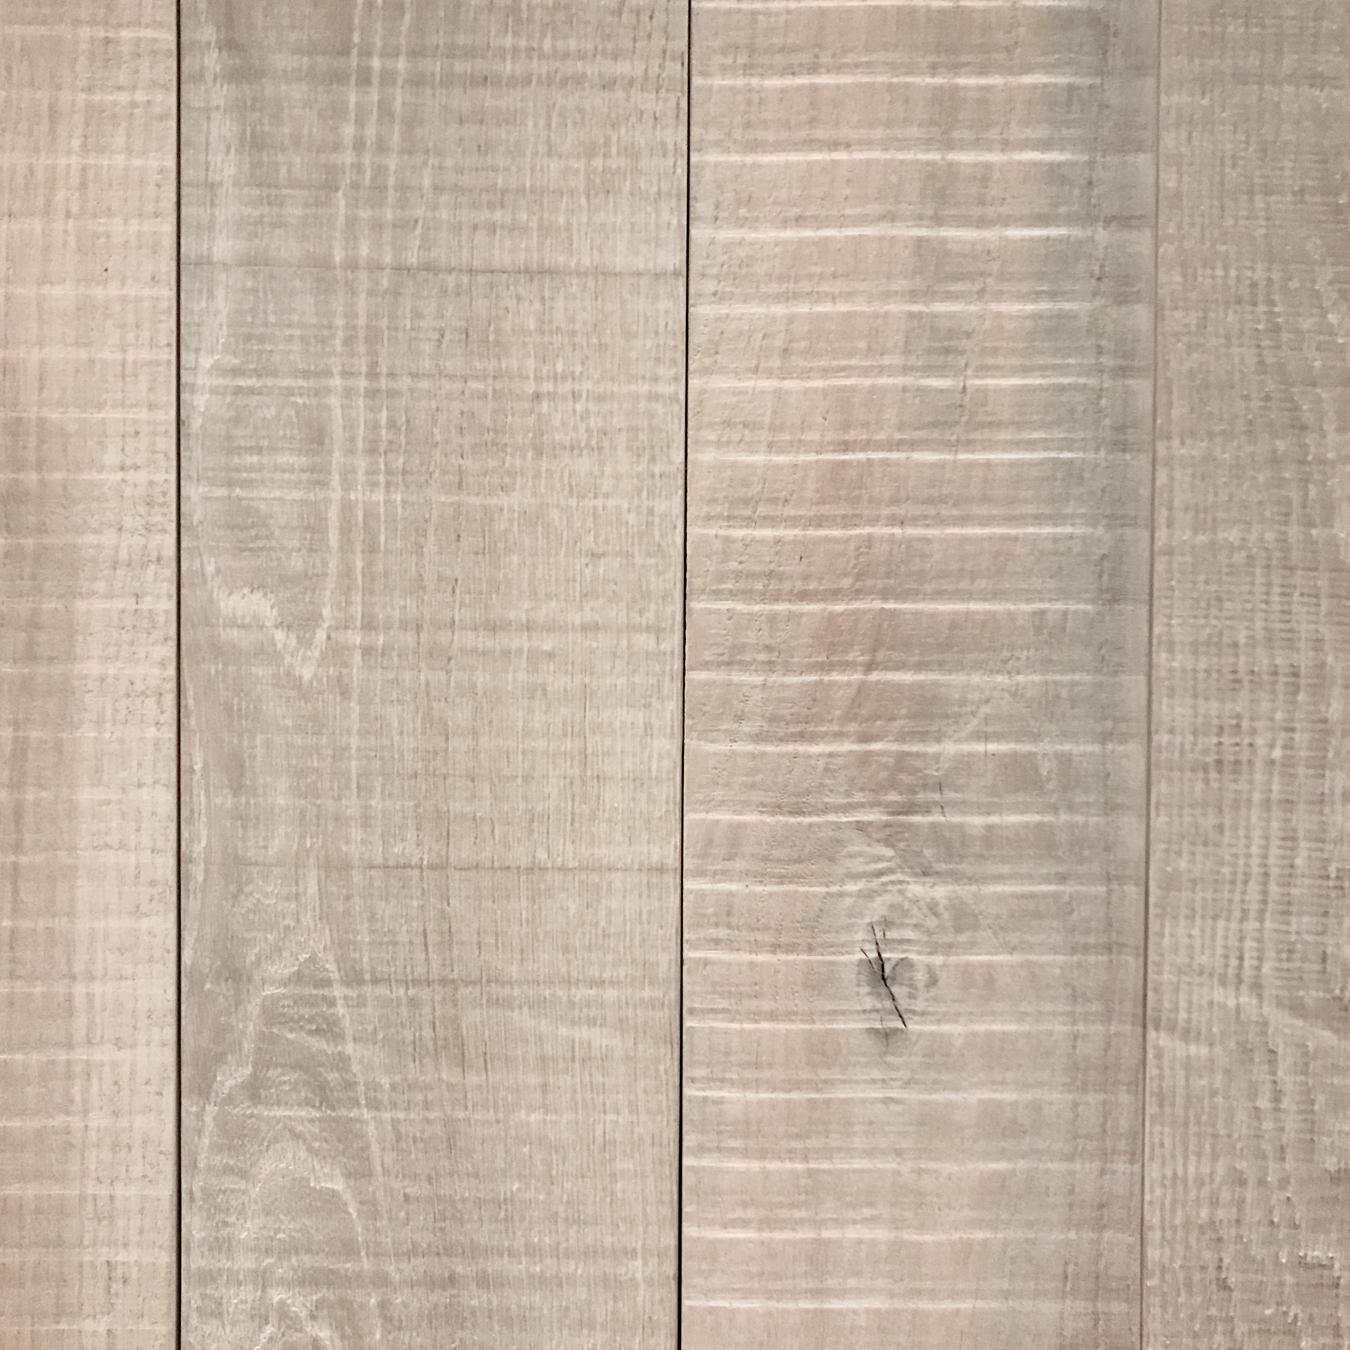 2 Saw Cut Wood.jpg